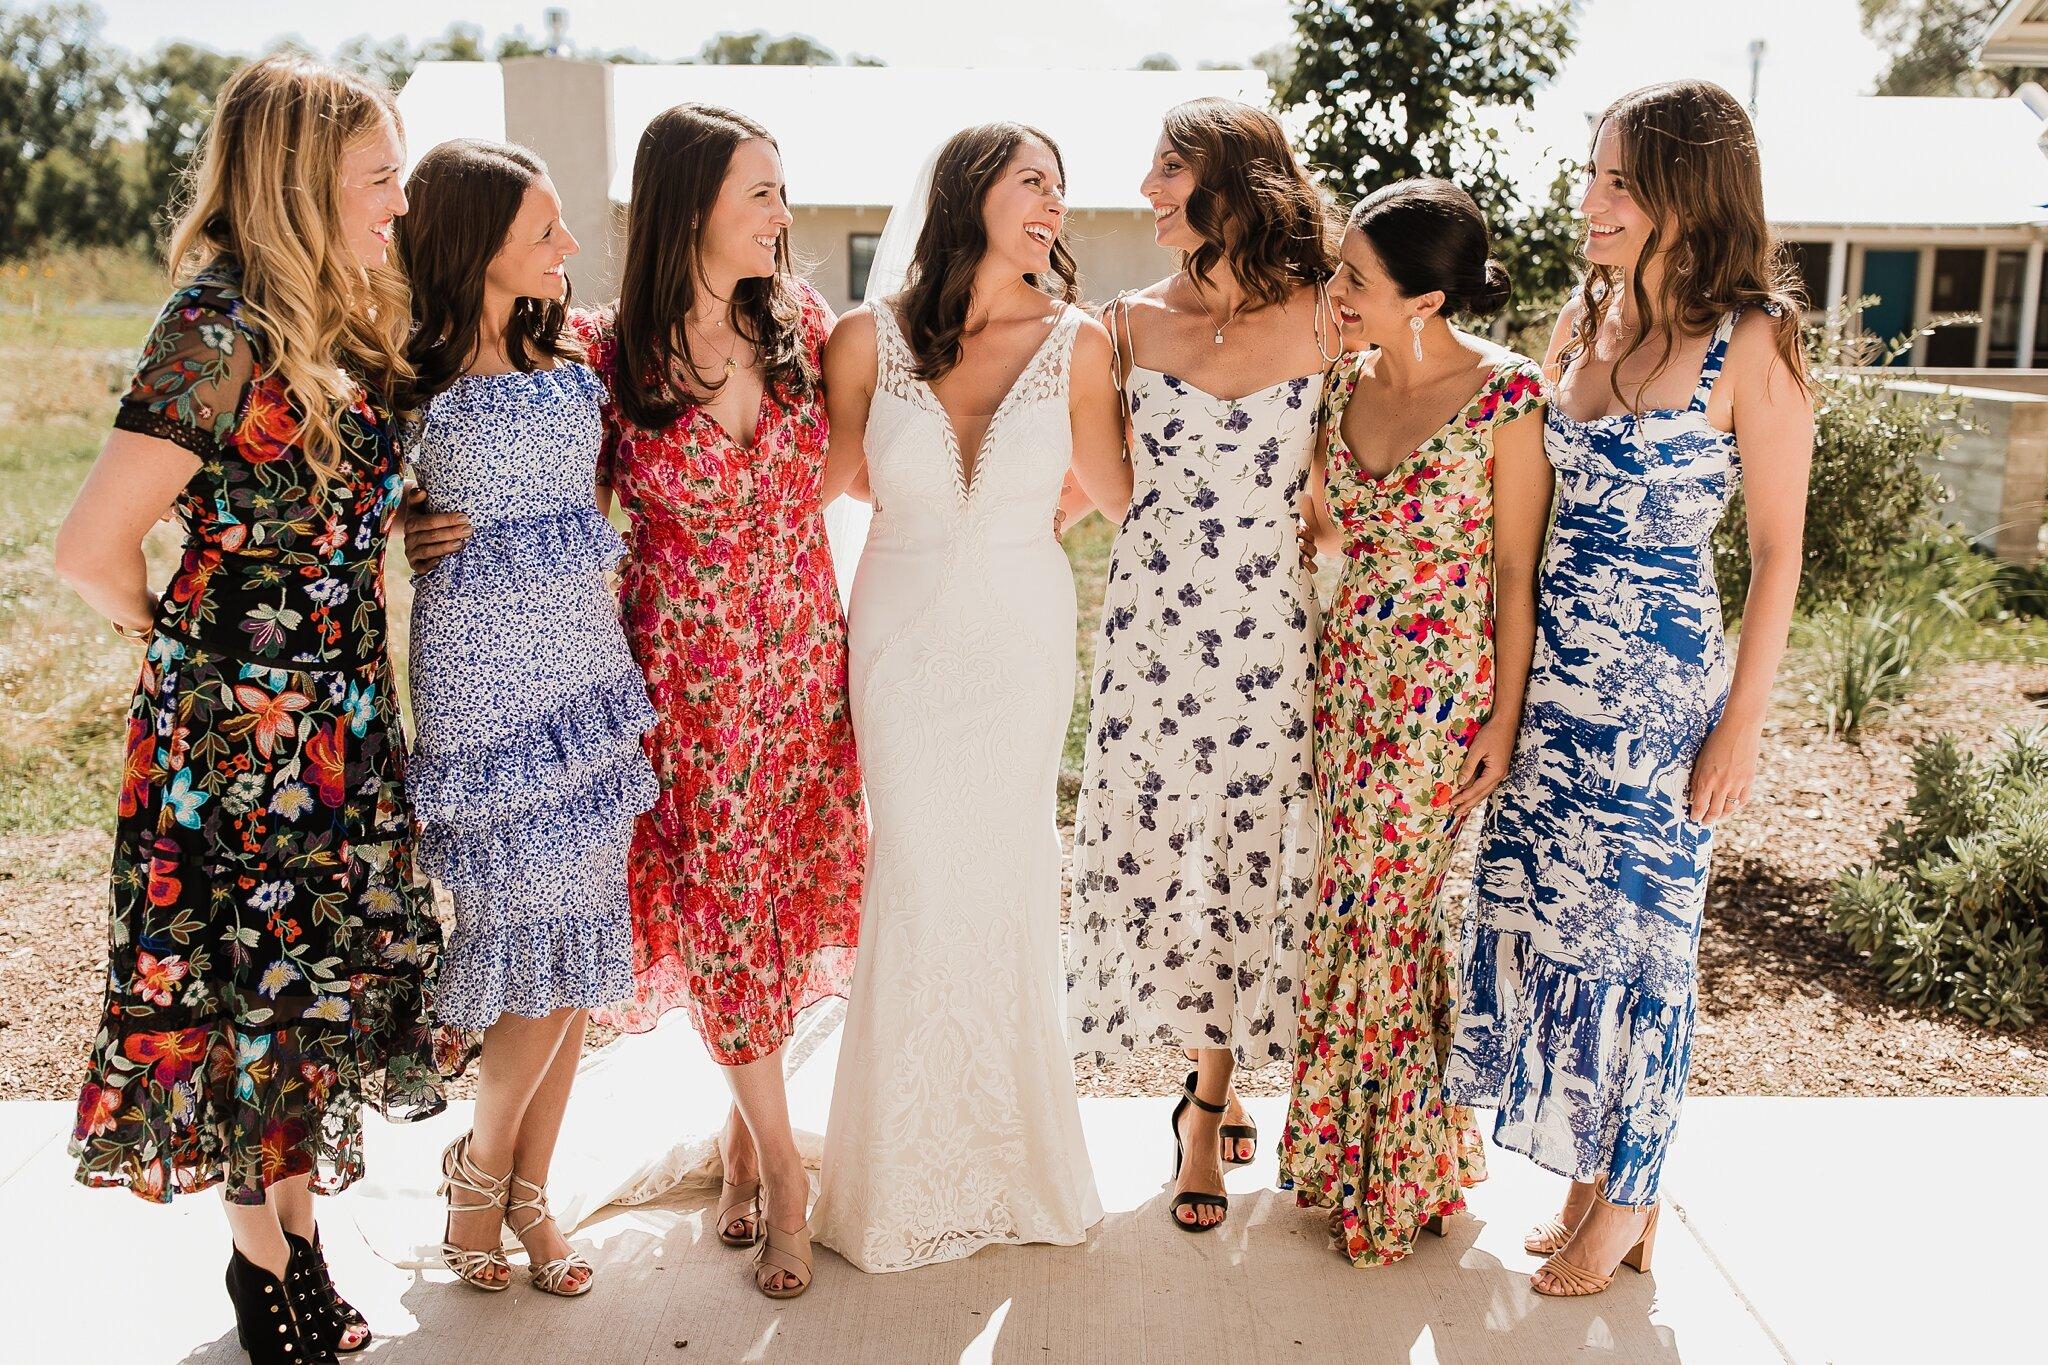 Alicia+lucia+photography+-+albuquerque+wedding+photographer+-+santa+fe+wedding+photography+-+new+mexico+wedding+photographer+-+new+mexico+wedding+-+wedding+-+albuquerque+wedding+-+los+poblanos+-+los+poblanos+wedding+-+fall+wedding_0018.jpg